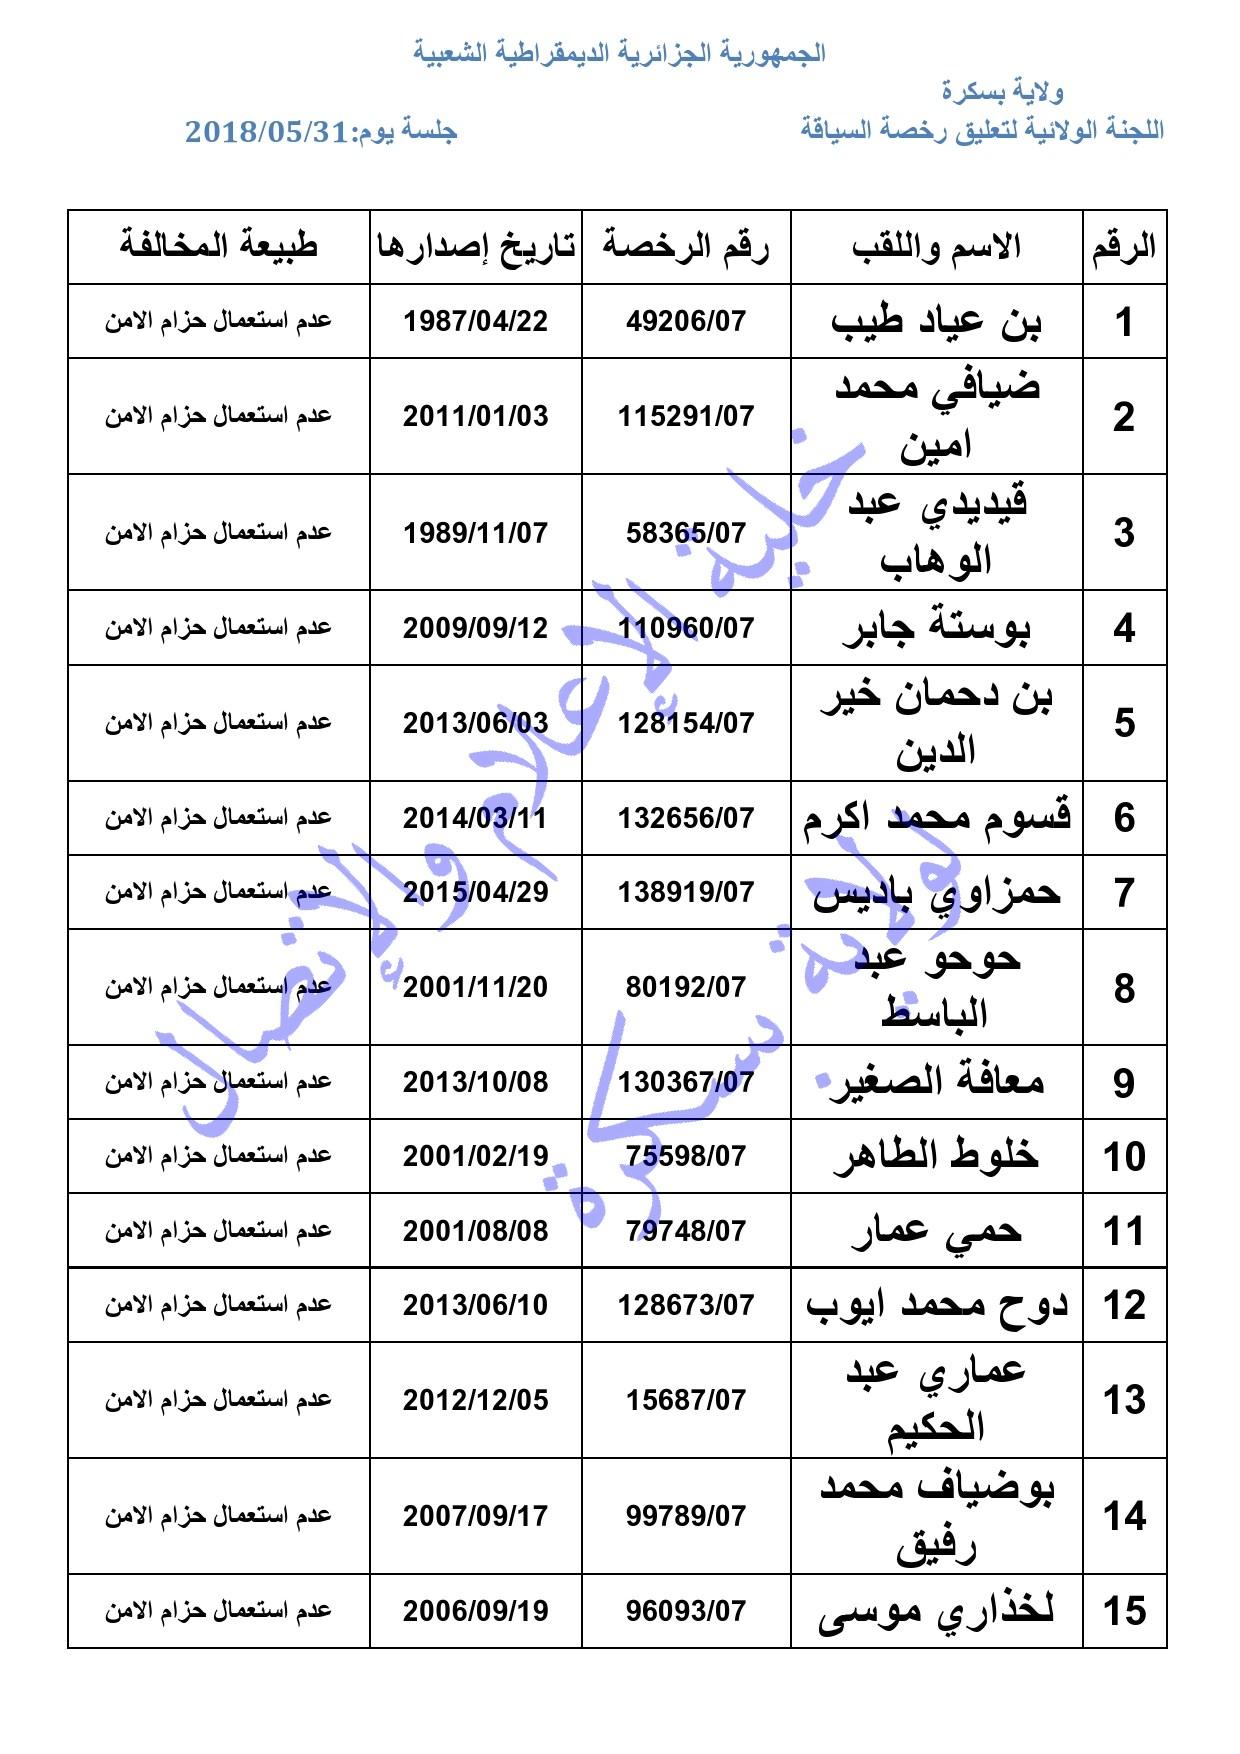 قائمة السائقين المعنيين للمثول أمام اللجنة الولائية لتعليق رخص السياقة ليوم الخميس الموافق لـ 2018/05/31